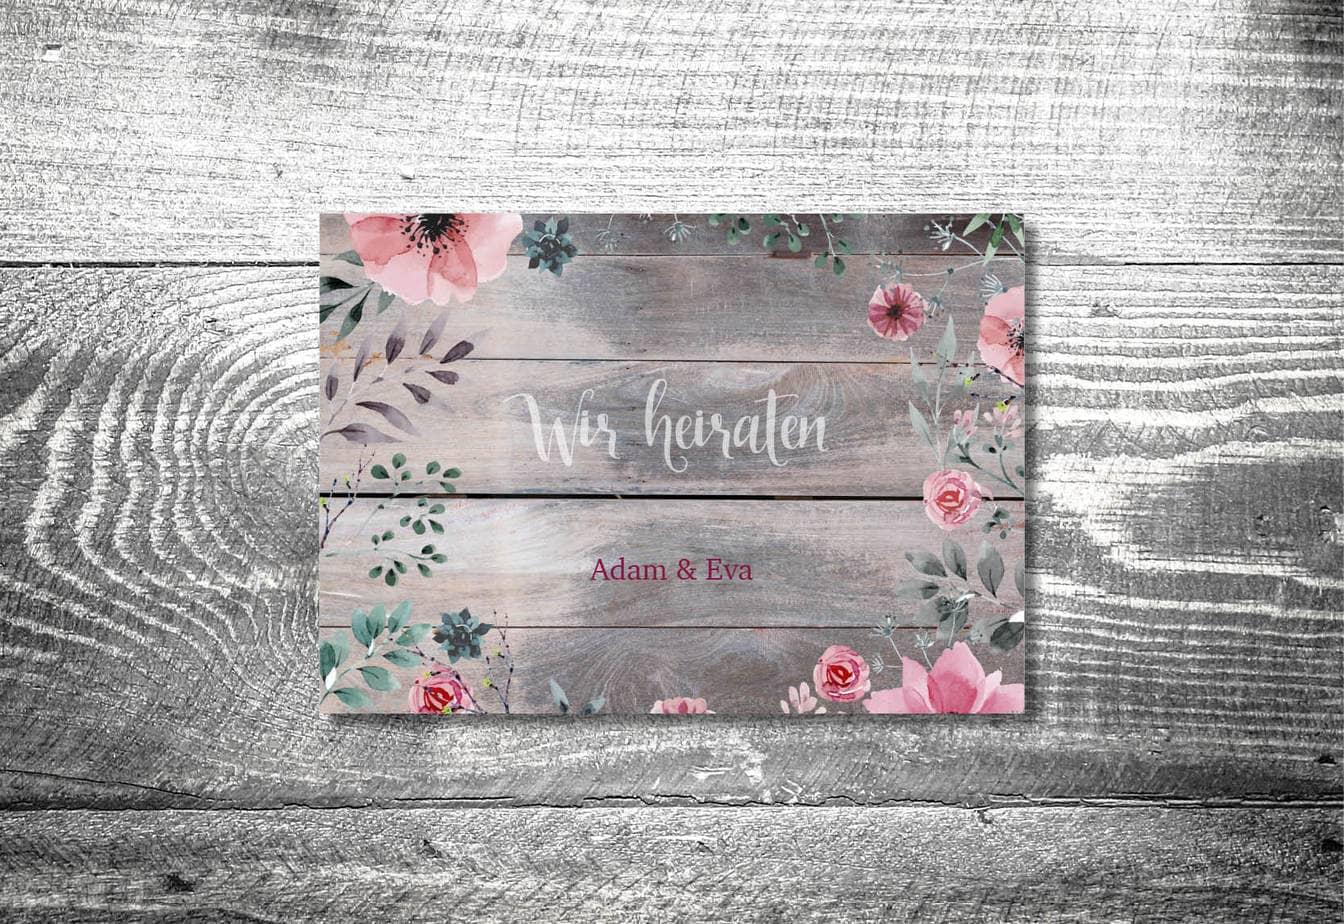 kartlerei karten drucken hochzeitseinladung heiraten bayrisch heimatgefuehl blumenholz einladung - Hochzeitskarten Set